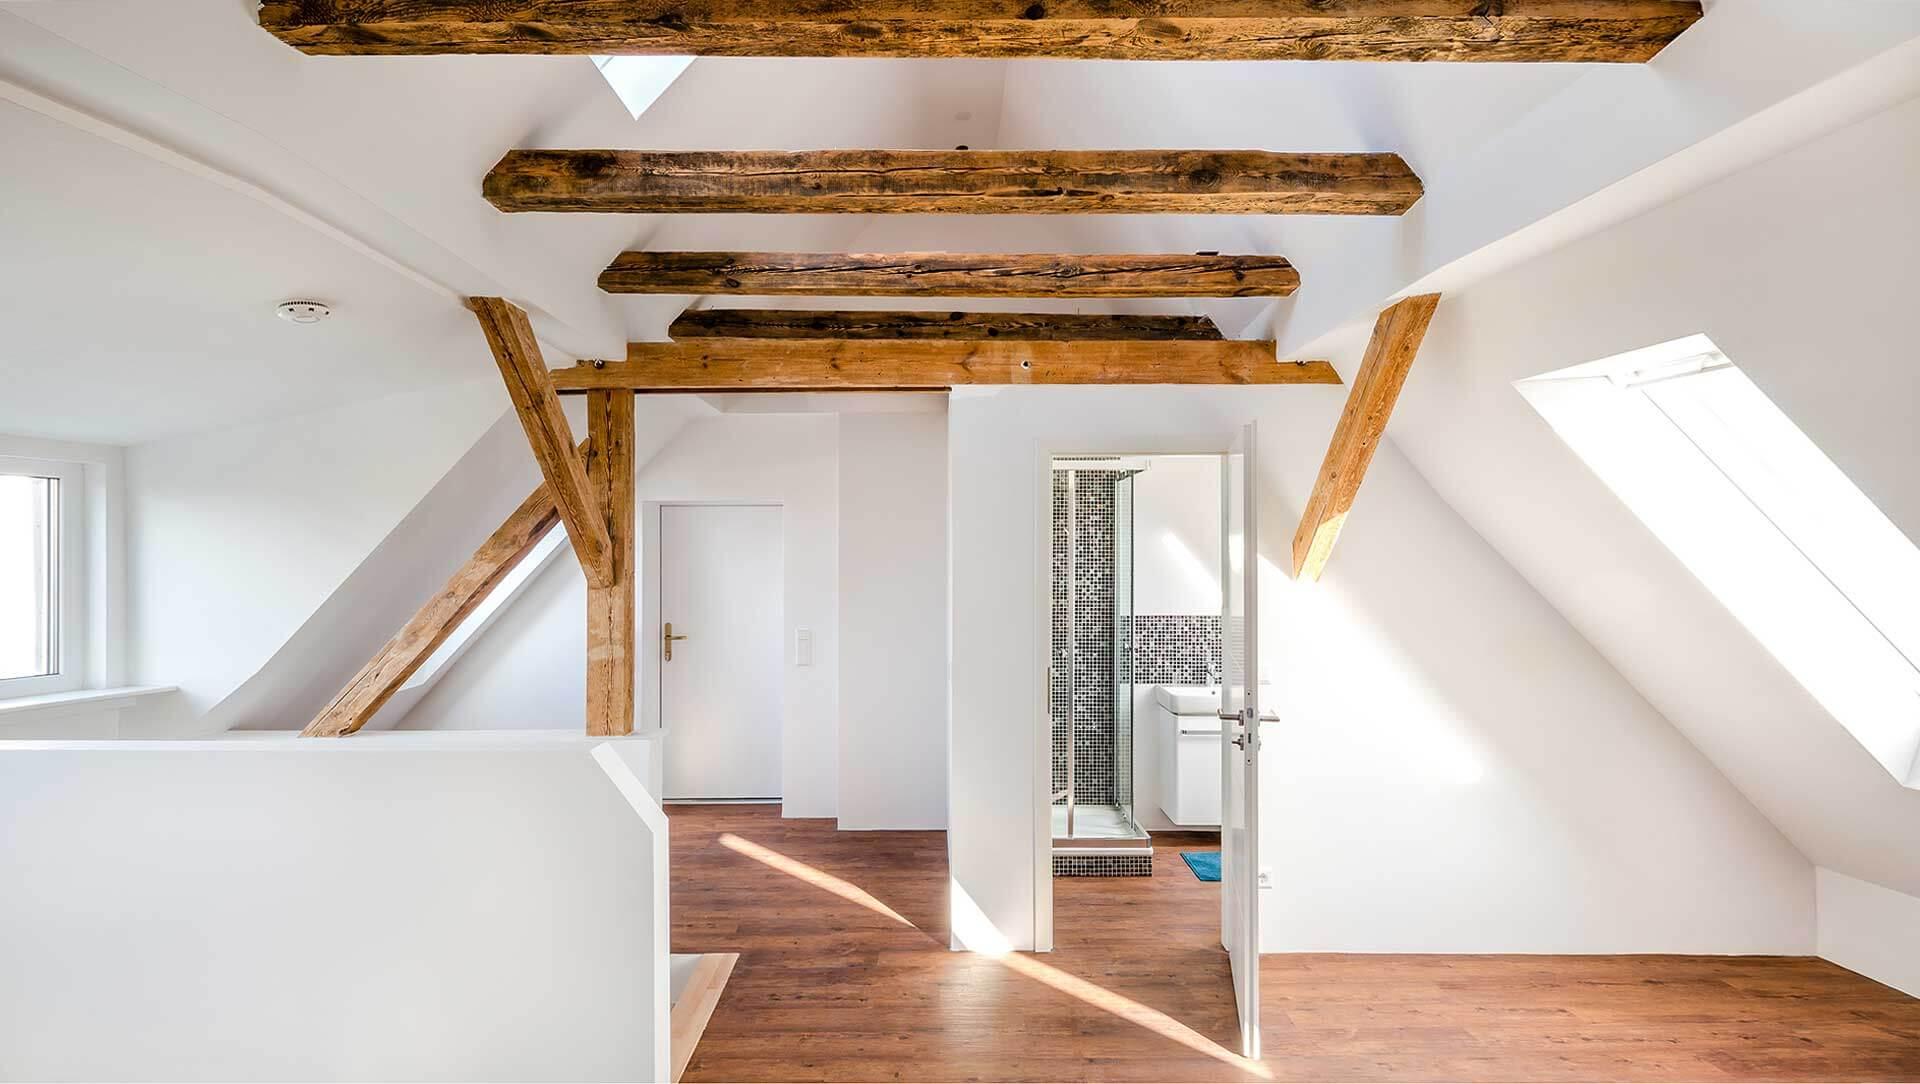 immobilienfotograf-berlin-dachgeschoss-mit-holzbalkenlz